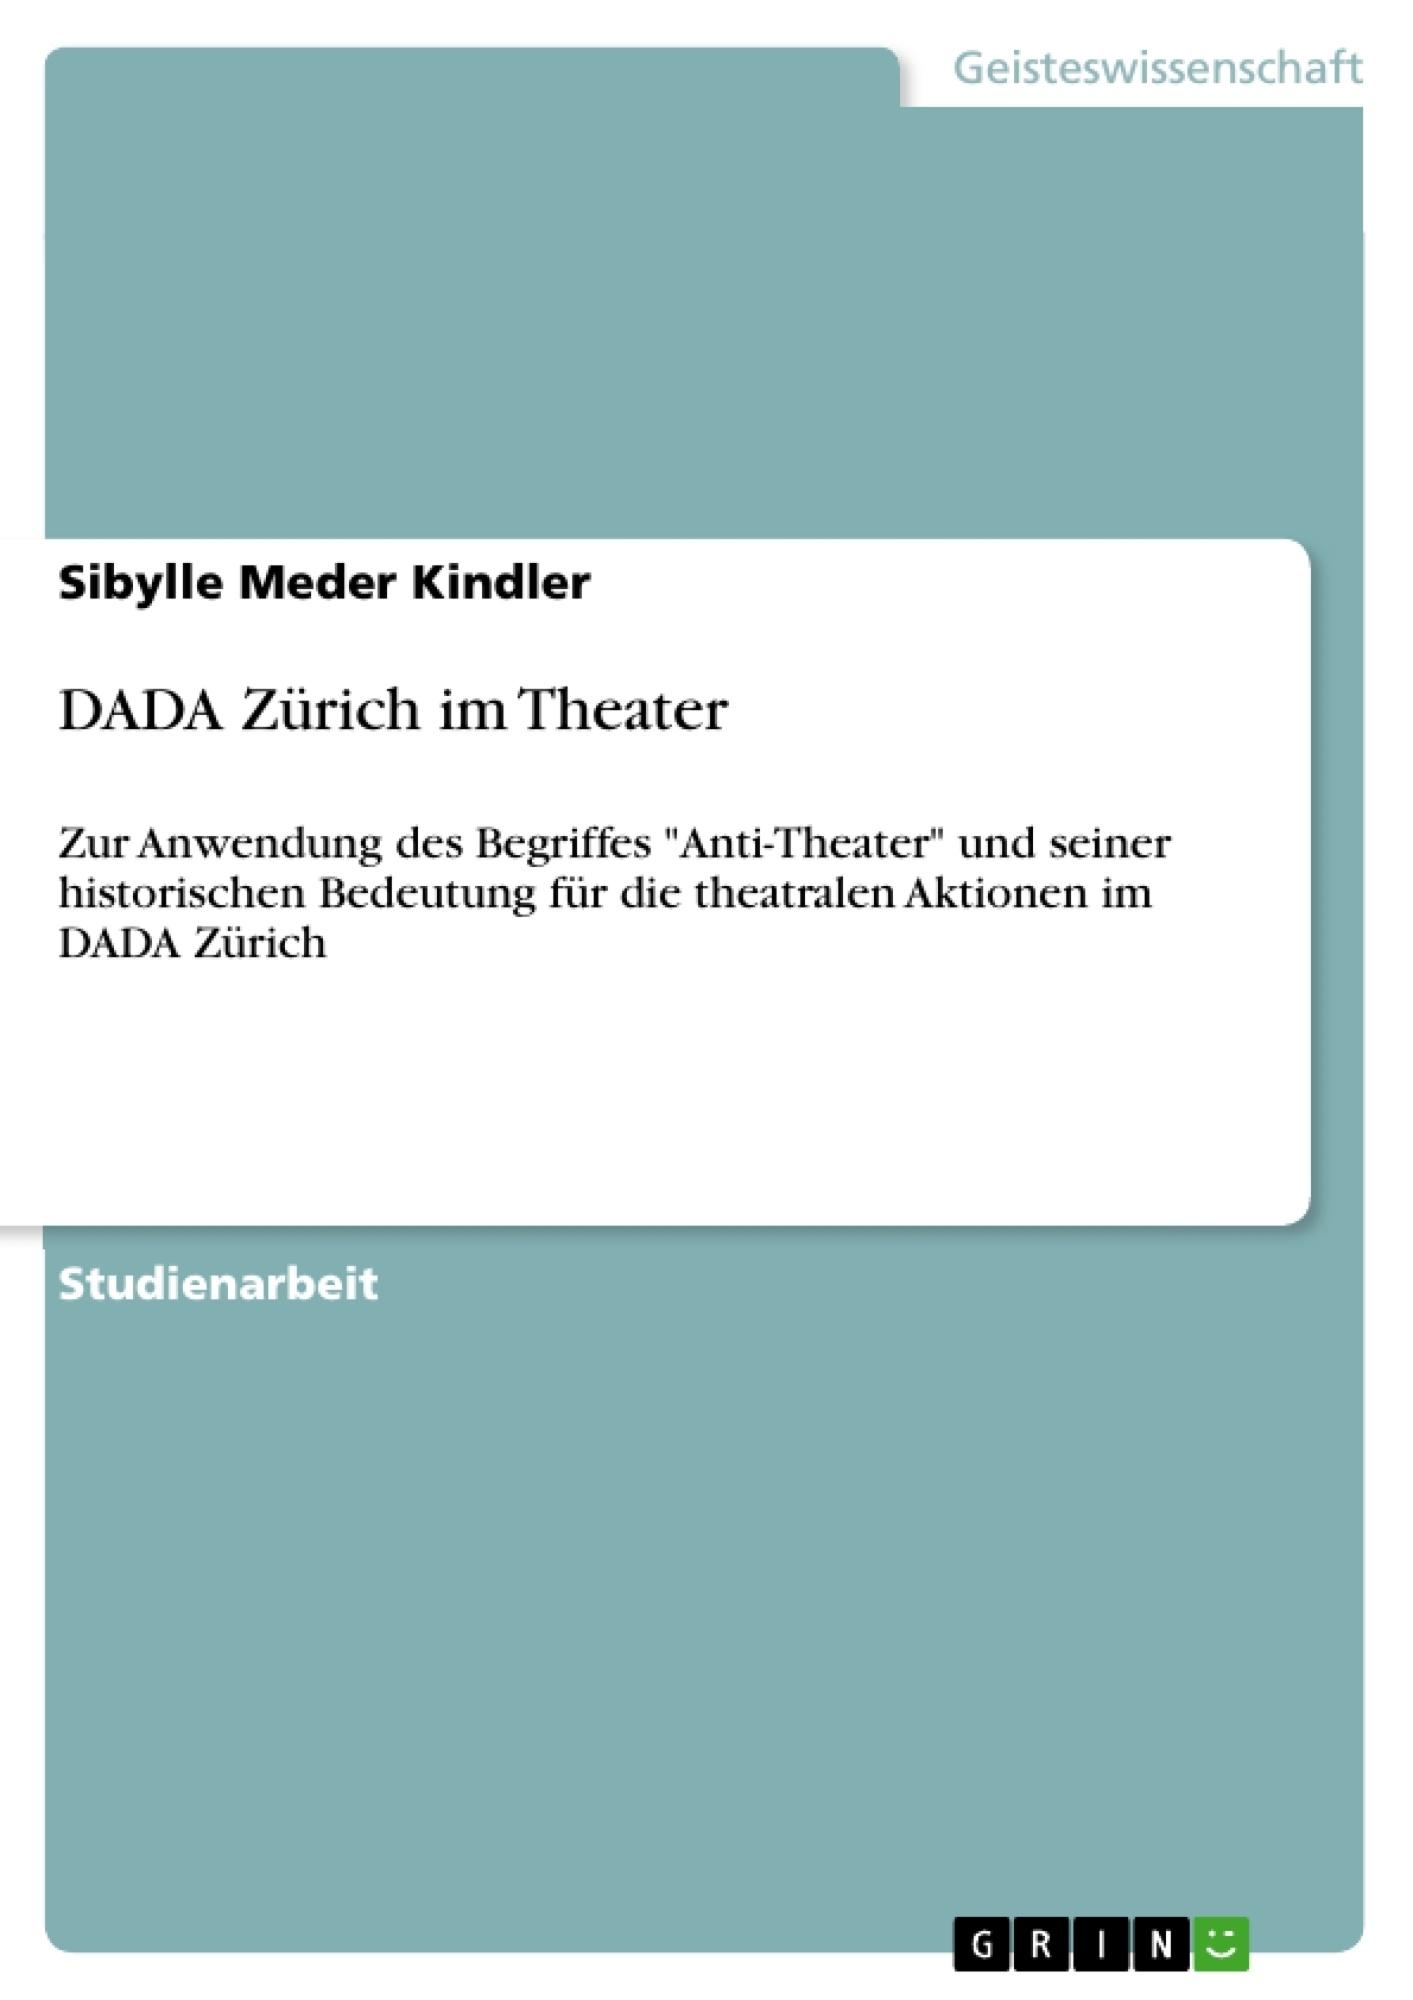 Titel: DADA Zürich im Theater